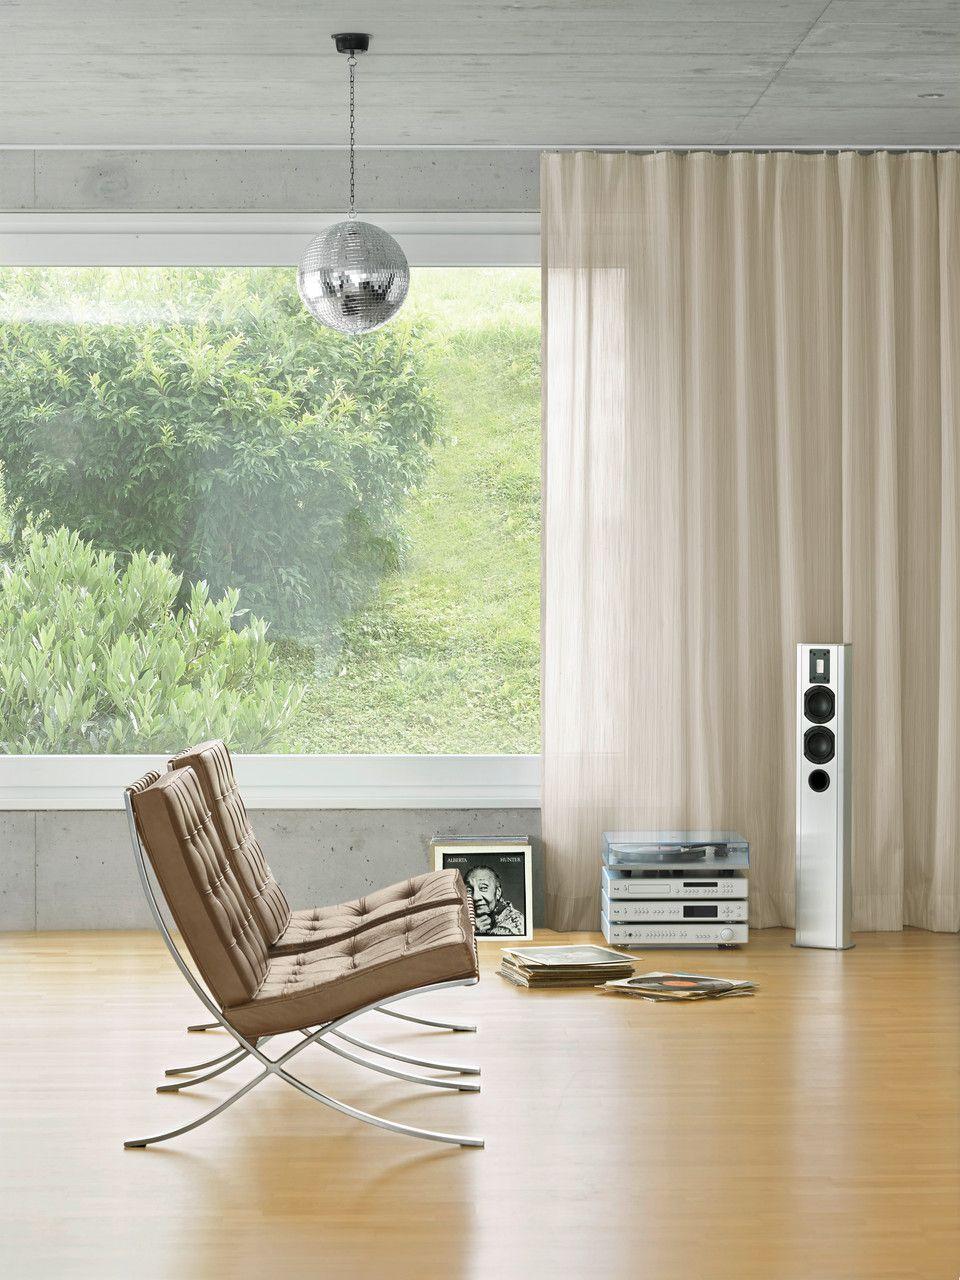 Gardinen  Vorhnge  Claudia Weber Raumgestaltung  Wohnzimmer  Pinterest  Gardinen vorhnge